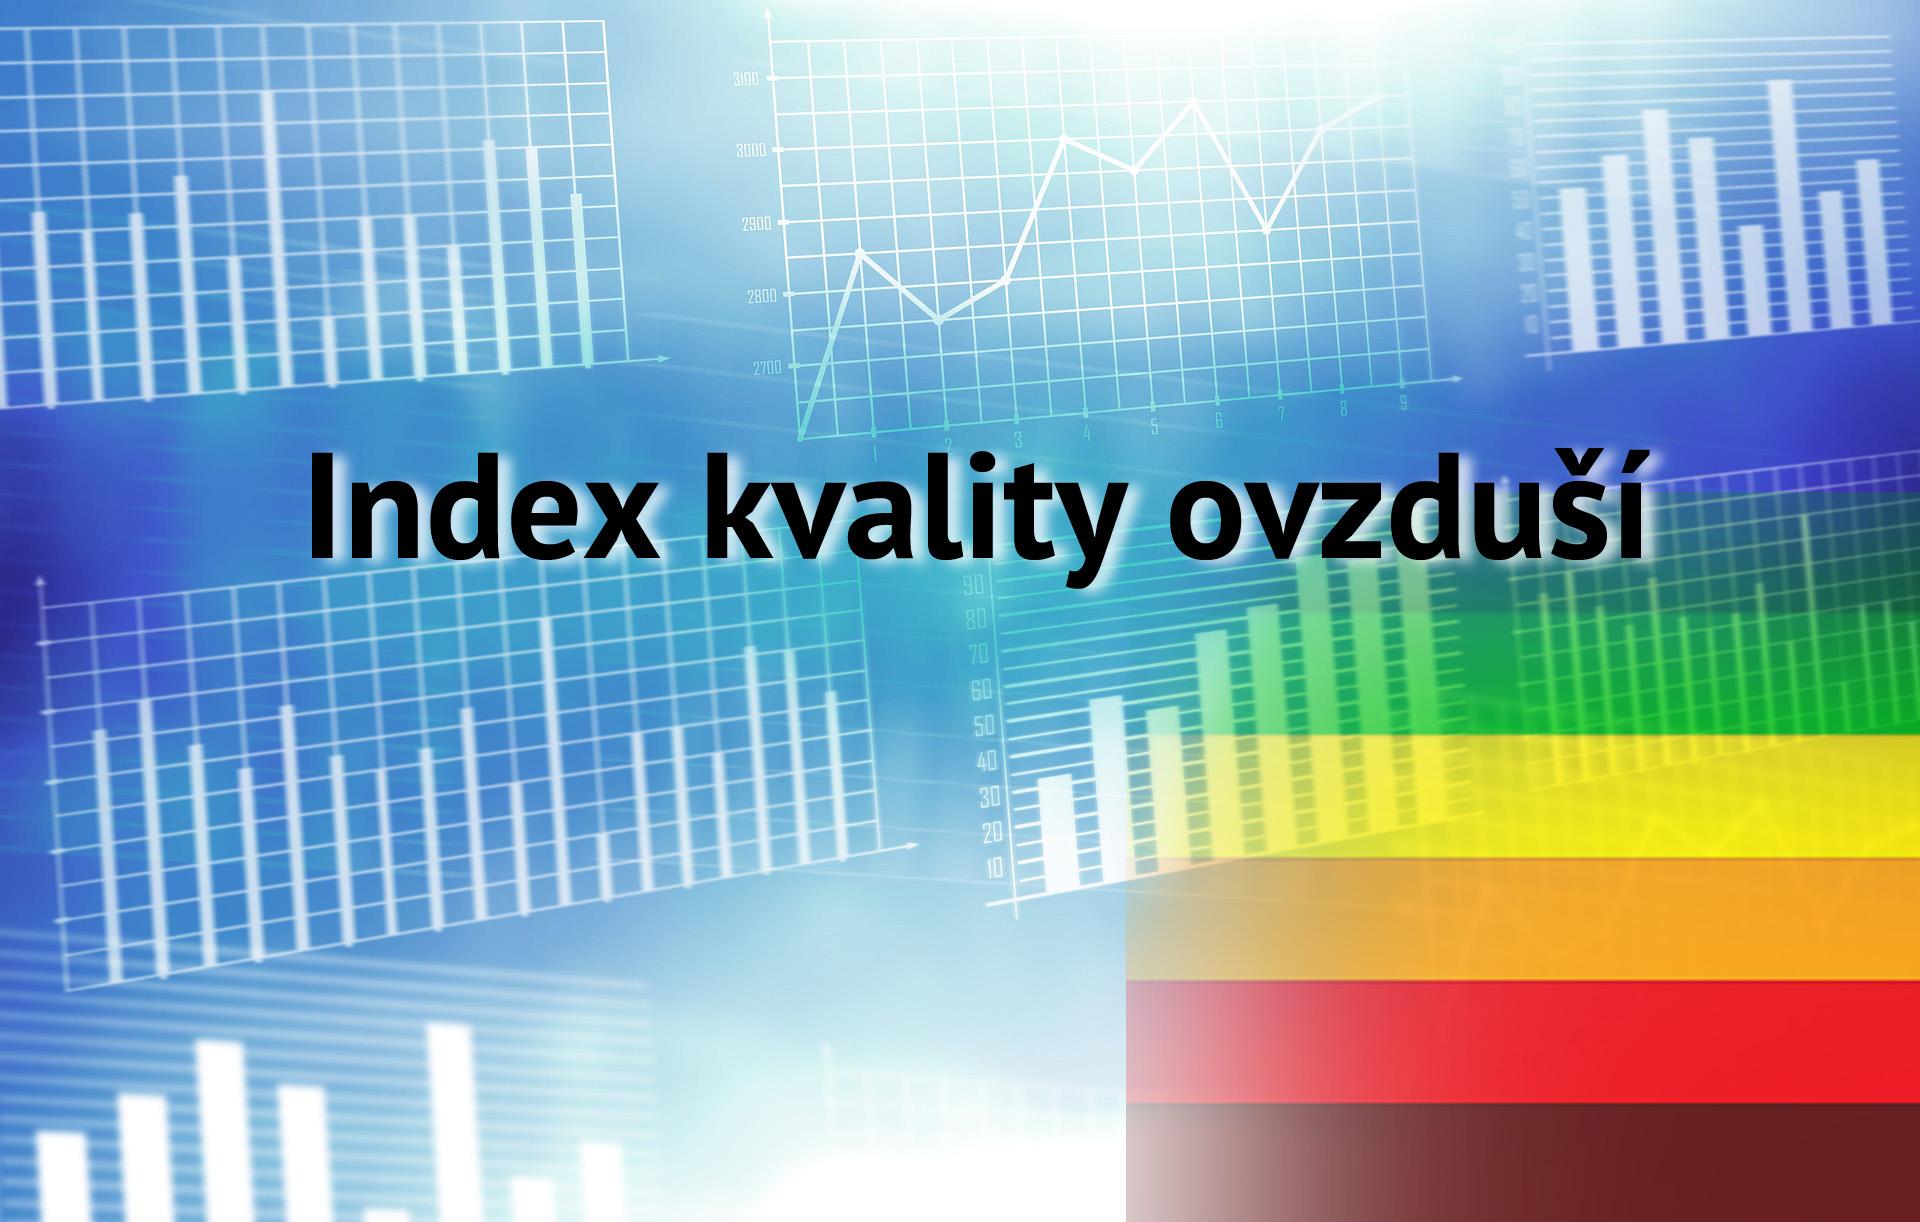 Index-kvality-ovzdusi